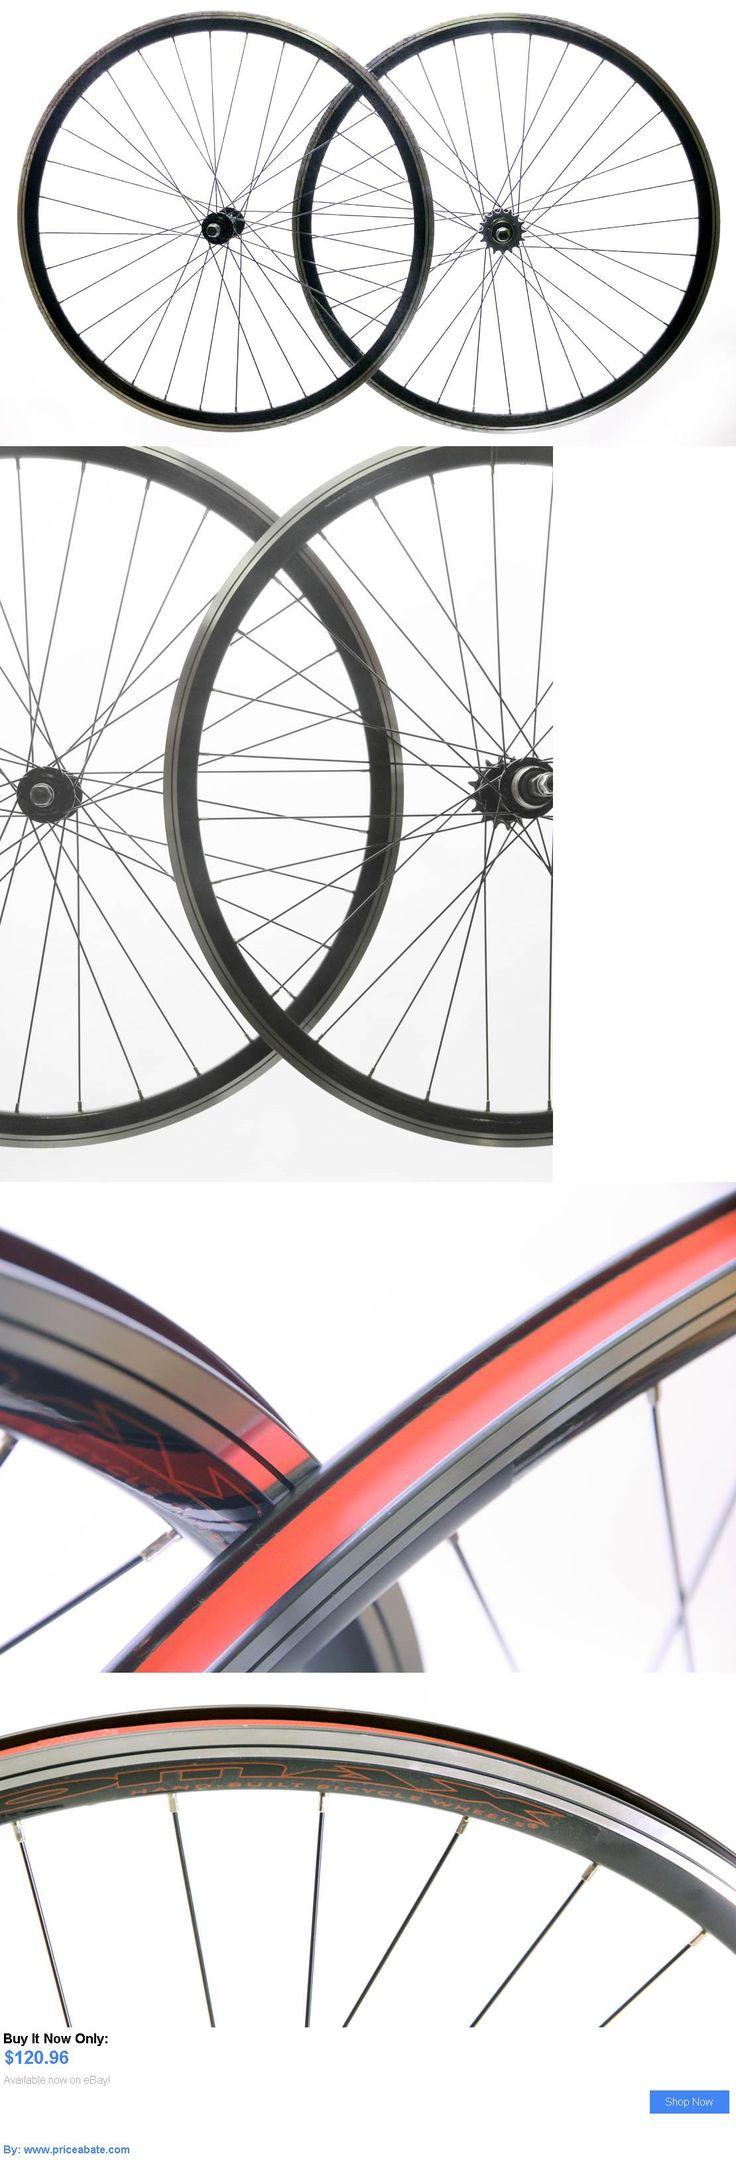 bicycle parts: Aeromax Track 700C Single Speed Freewheel / Fixed Gear Wheelset Bike Black New BUY IT NOW ONLY: $120.96 #priceabatebicycleparts OR #priceabate